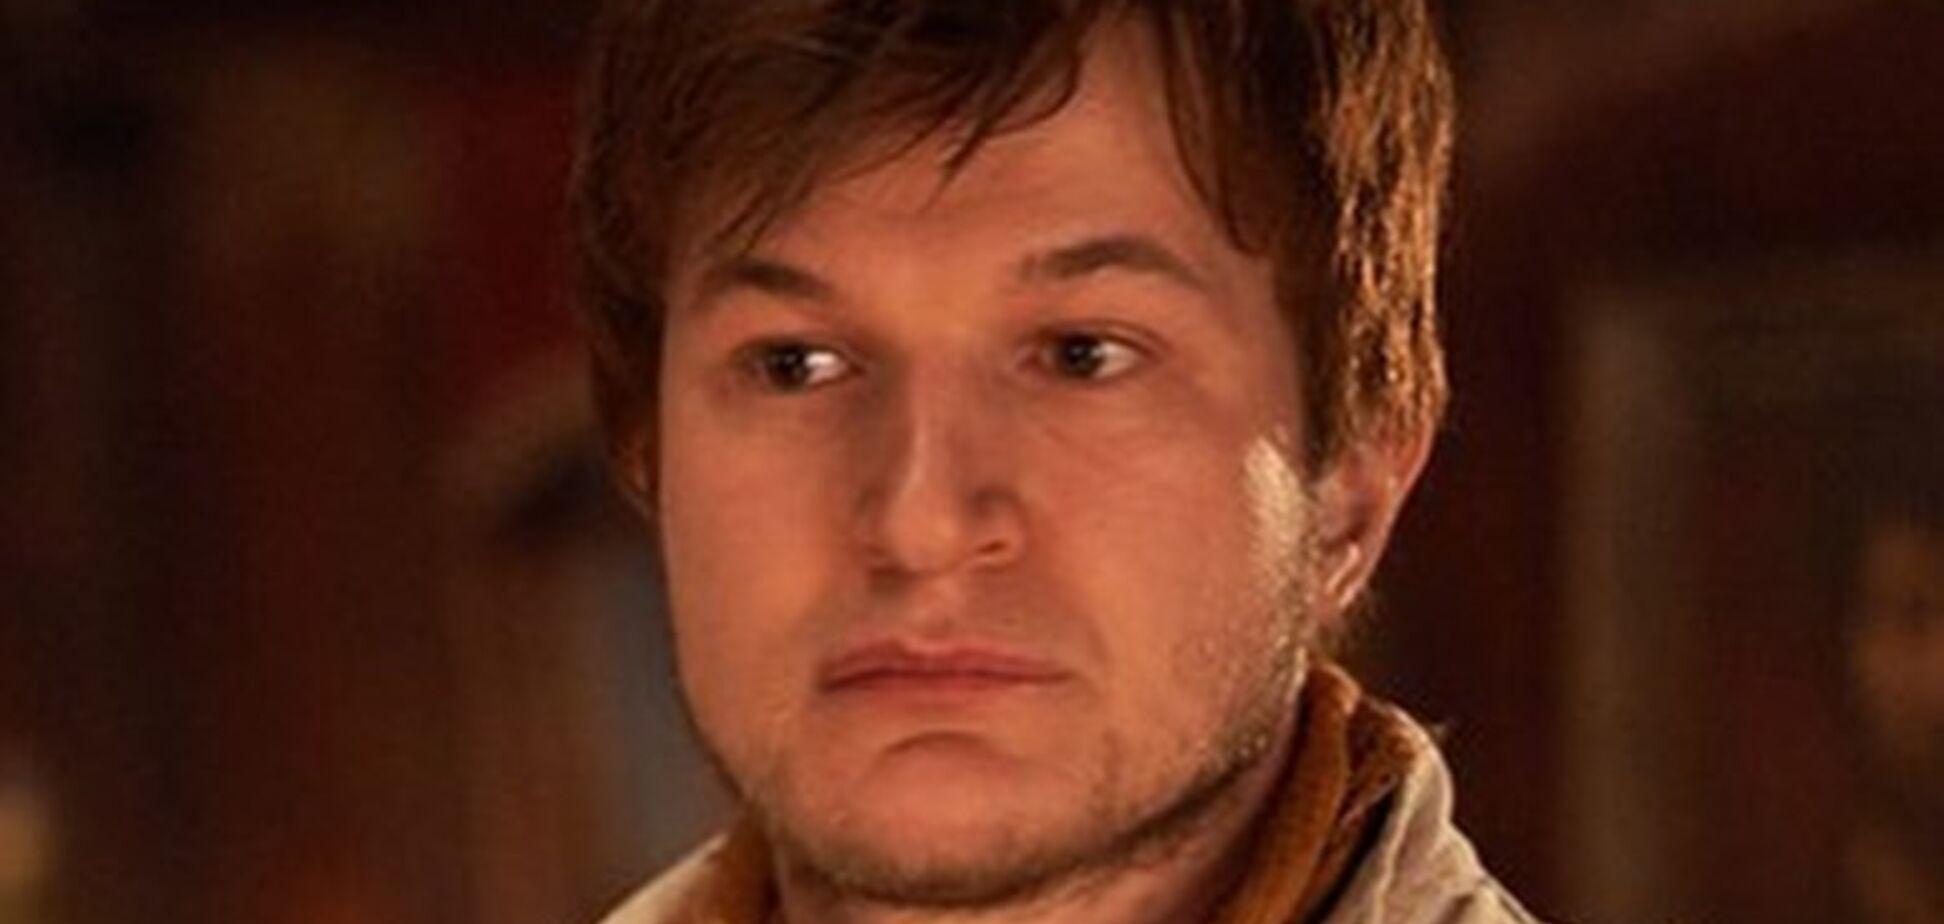 Українець знявся в популярному серіалі Netflix: хто він і де ще засвітився